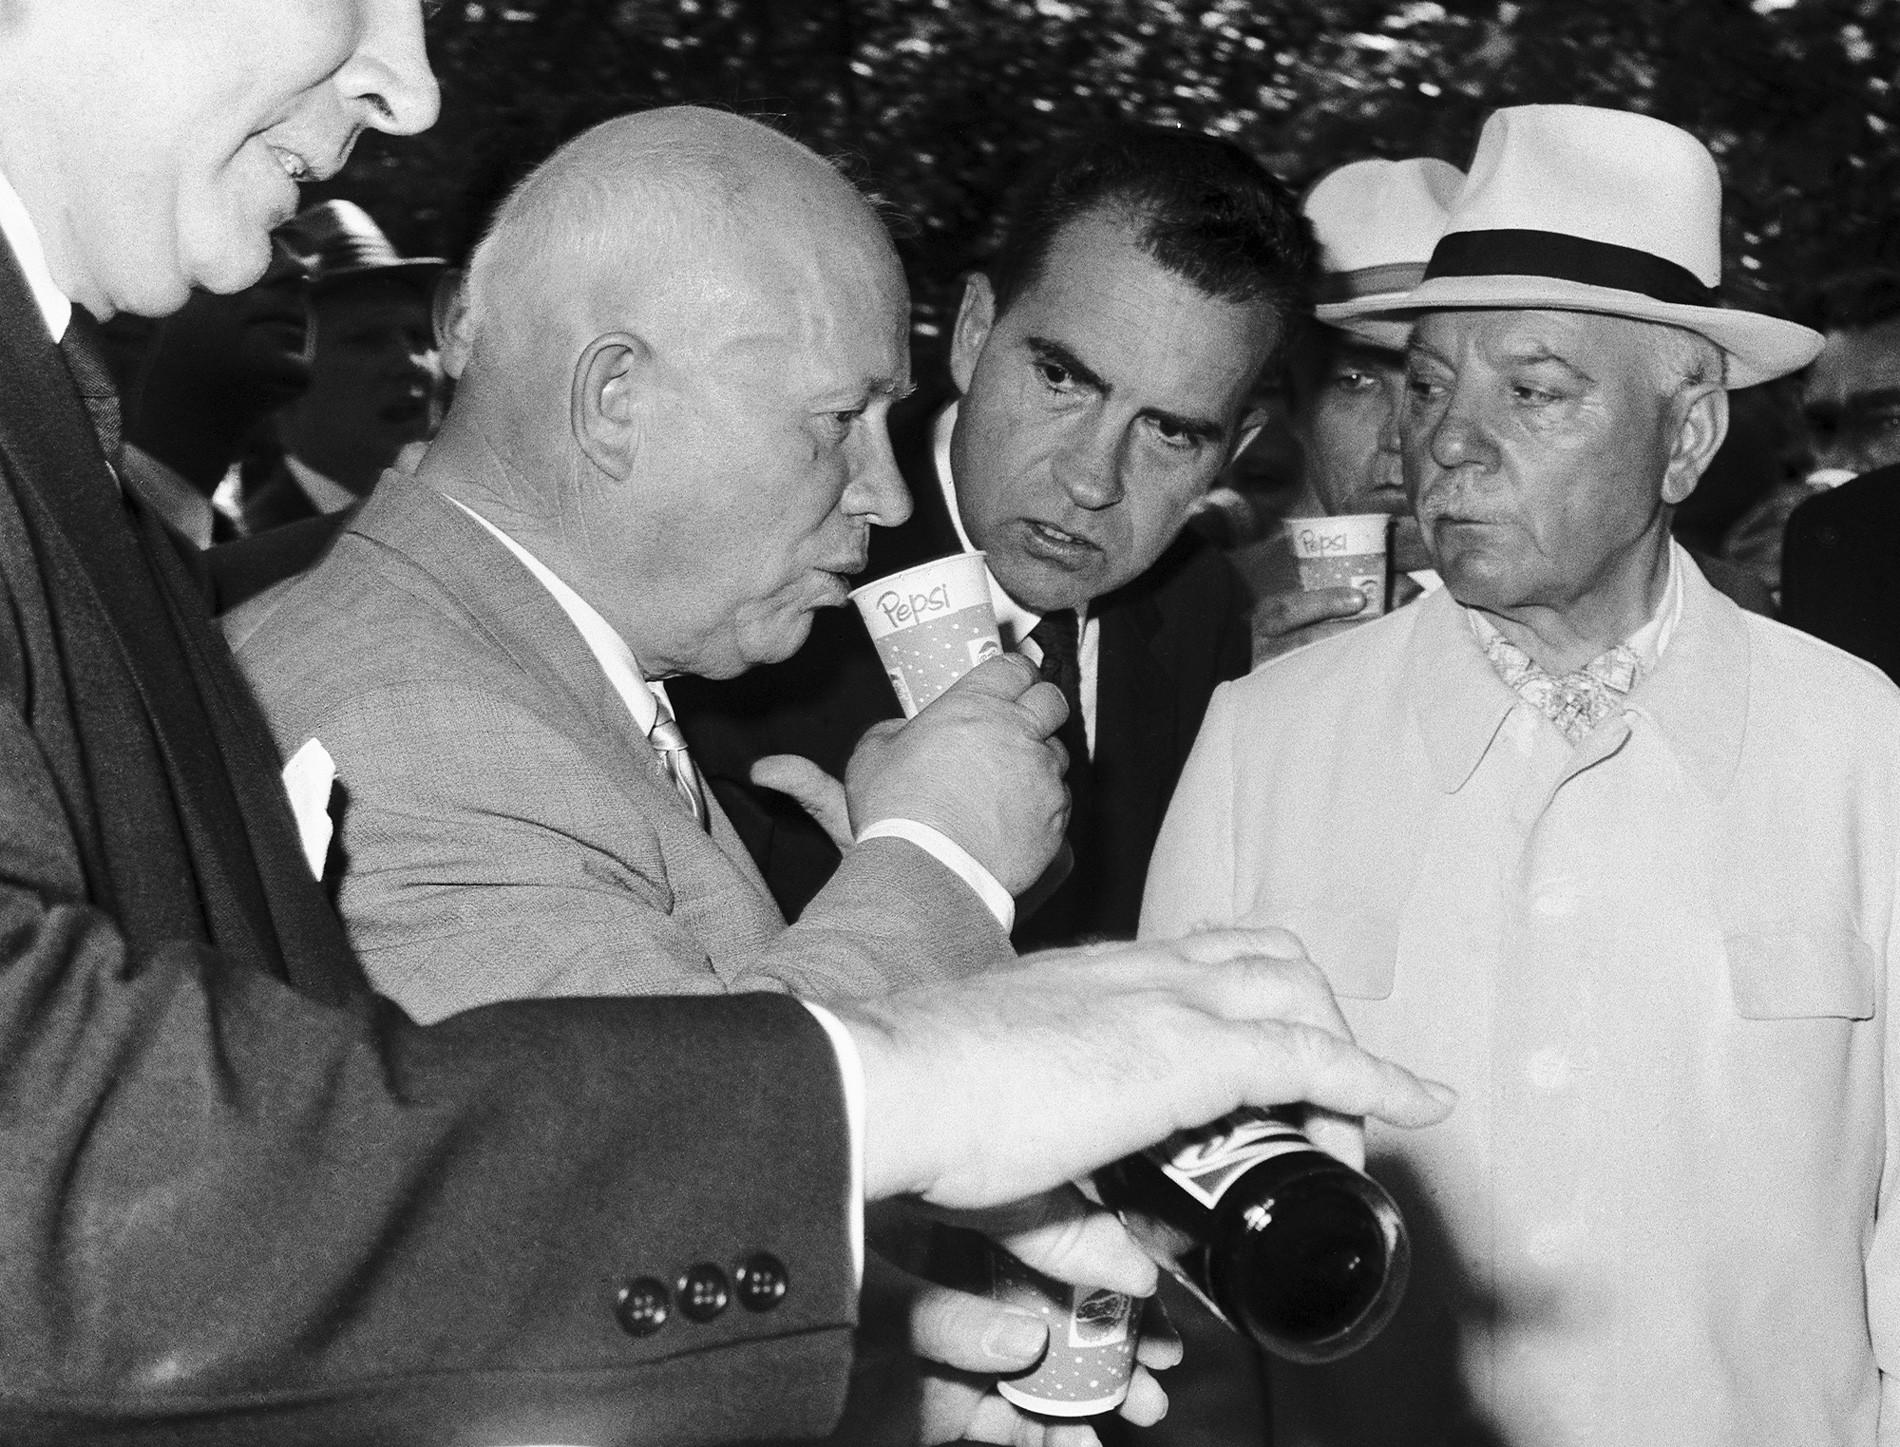 """Москва, Совјетски Савез. Совјетски премијер Никита Хрушчов испија Пепси колу под будним оком подпредседника САД Ричарда Никсона (у центру) и председника СССР Климента Ворошилова (десно) у парку """"Сокољники"""" 24. јула 1959."""